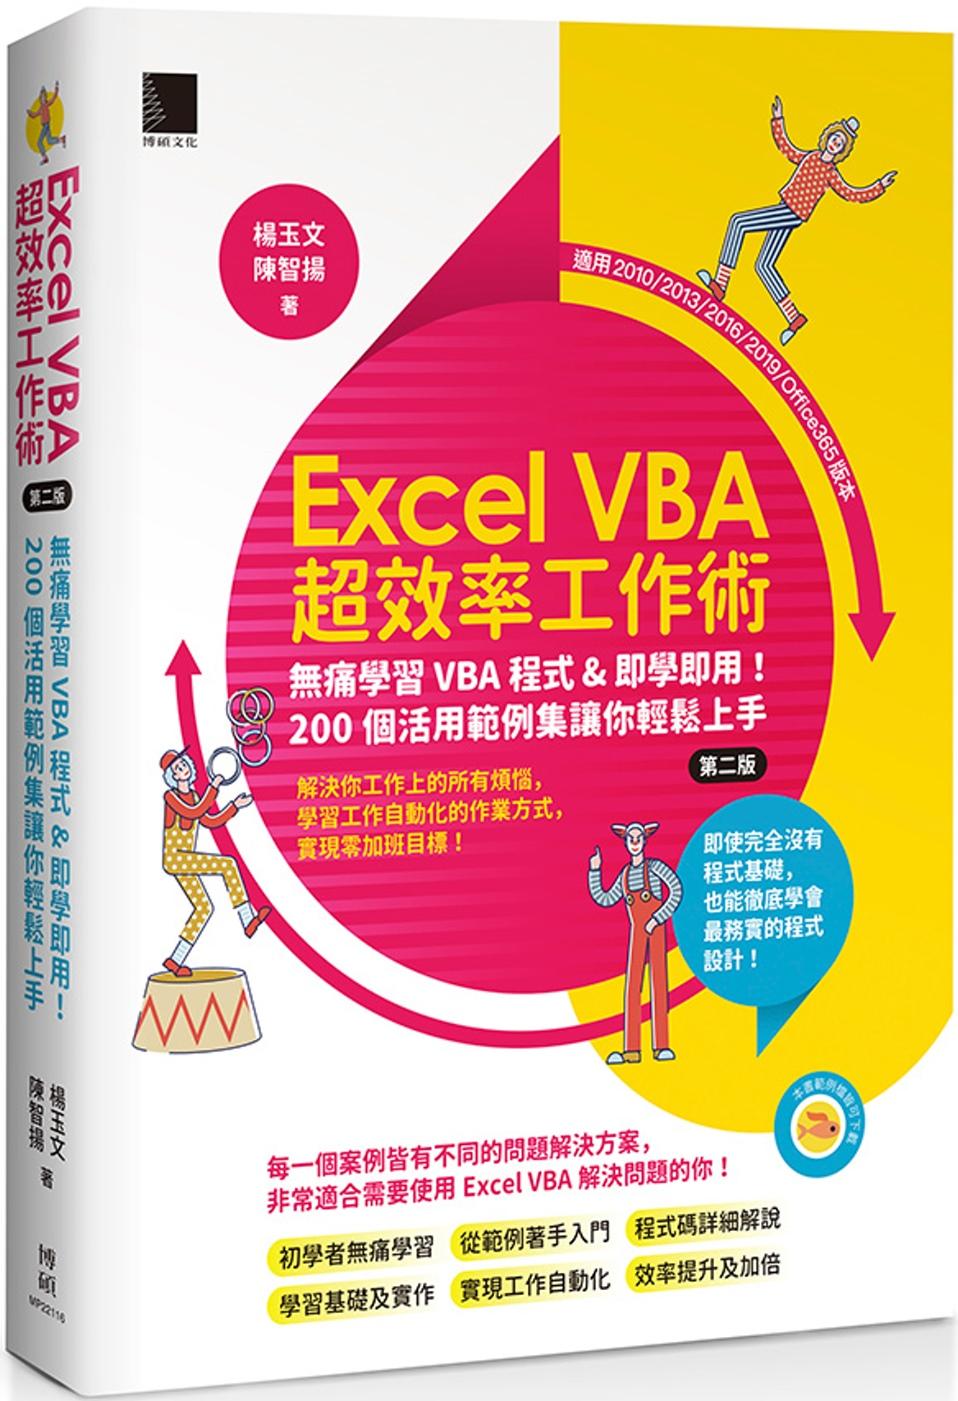 Excel VBA超效率工作術...